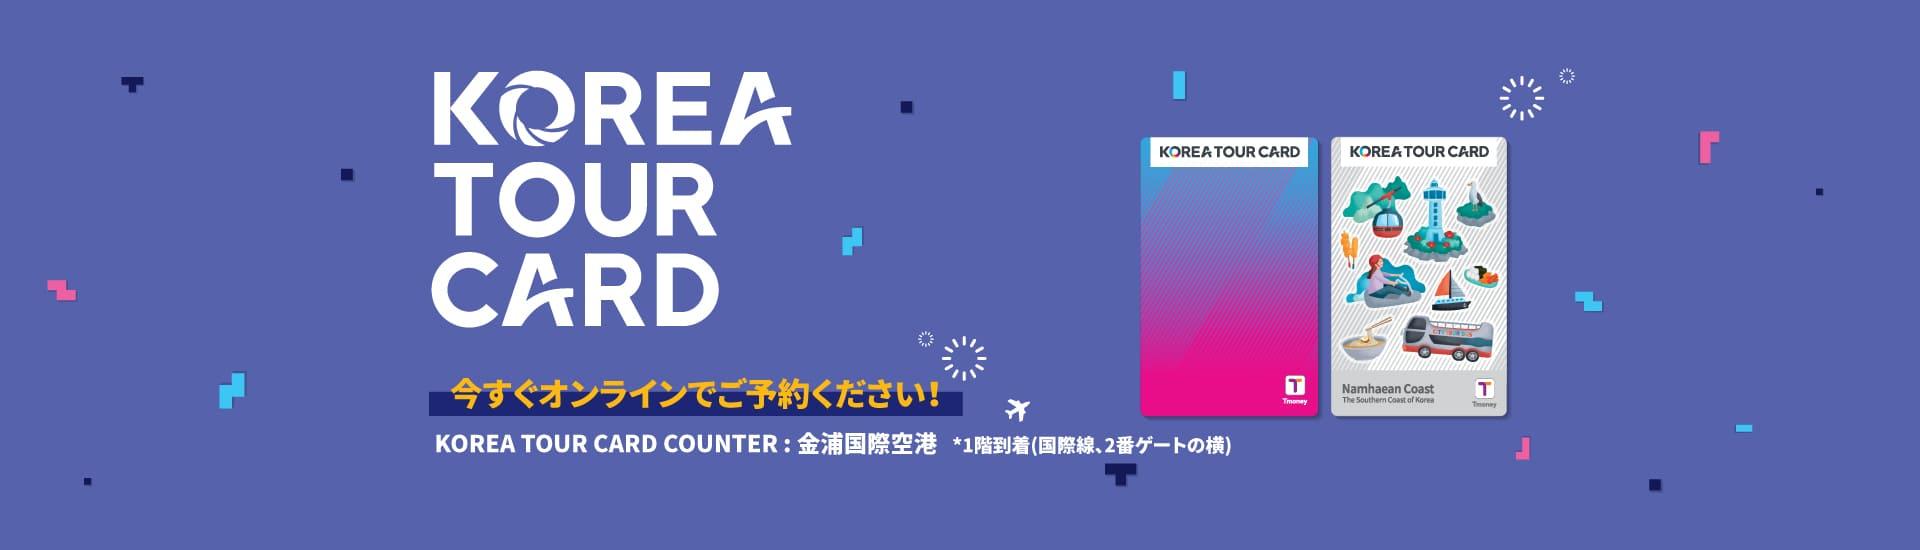 Korea_Tour_Card_Main_JP_ver_192.*550